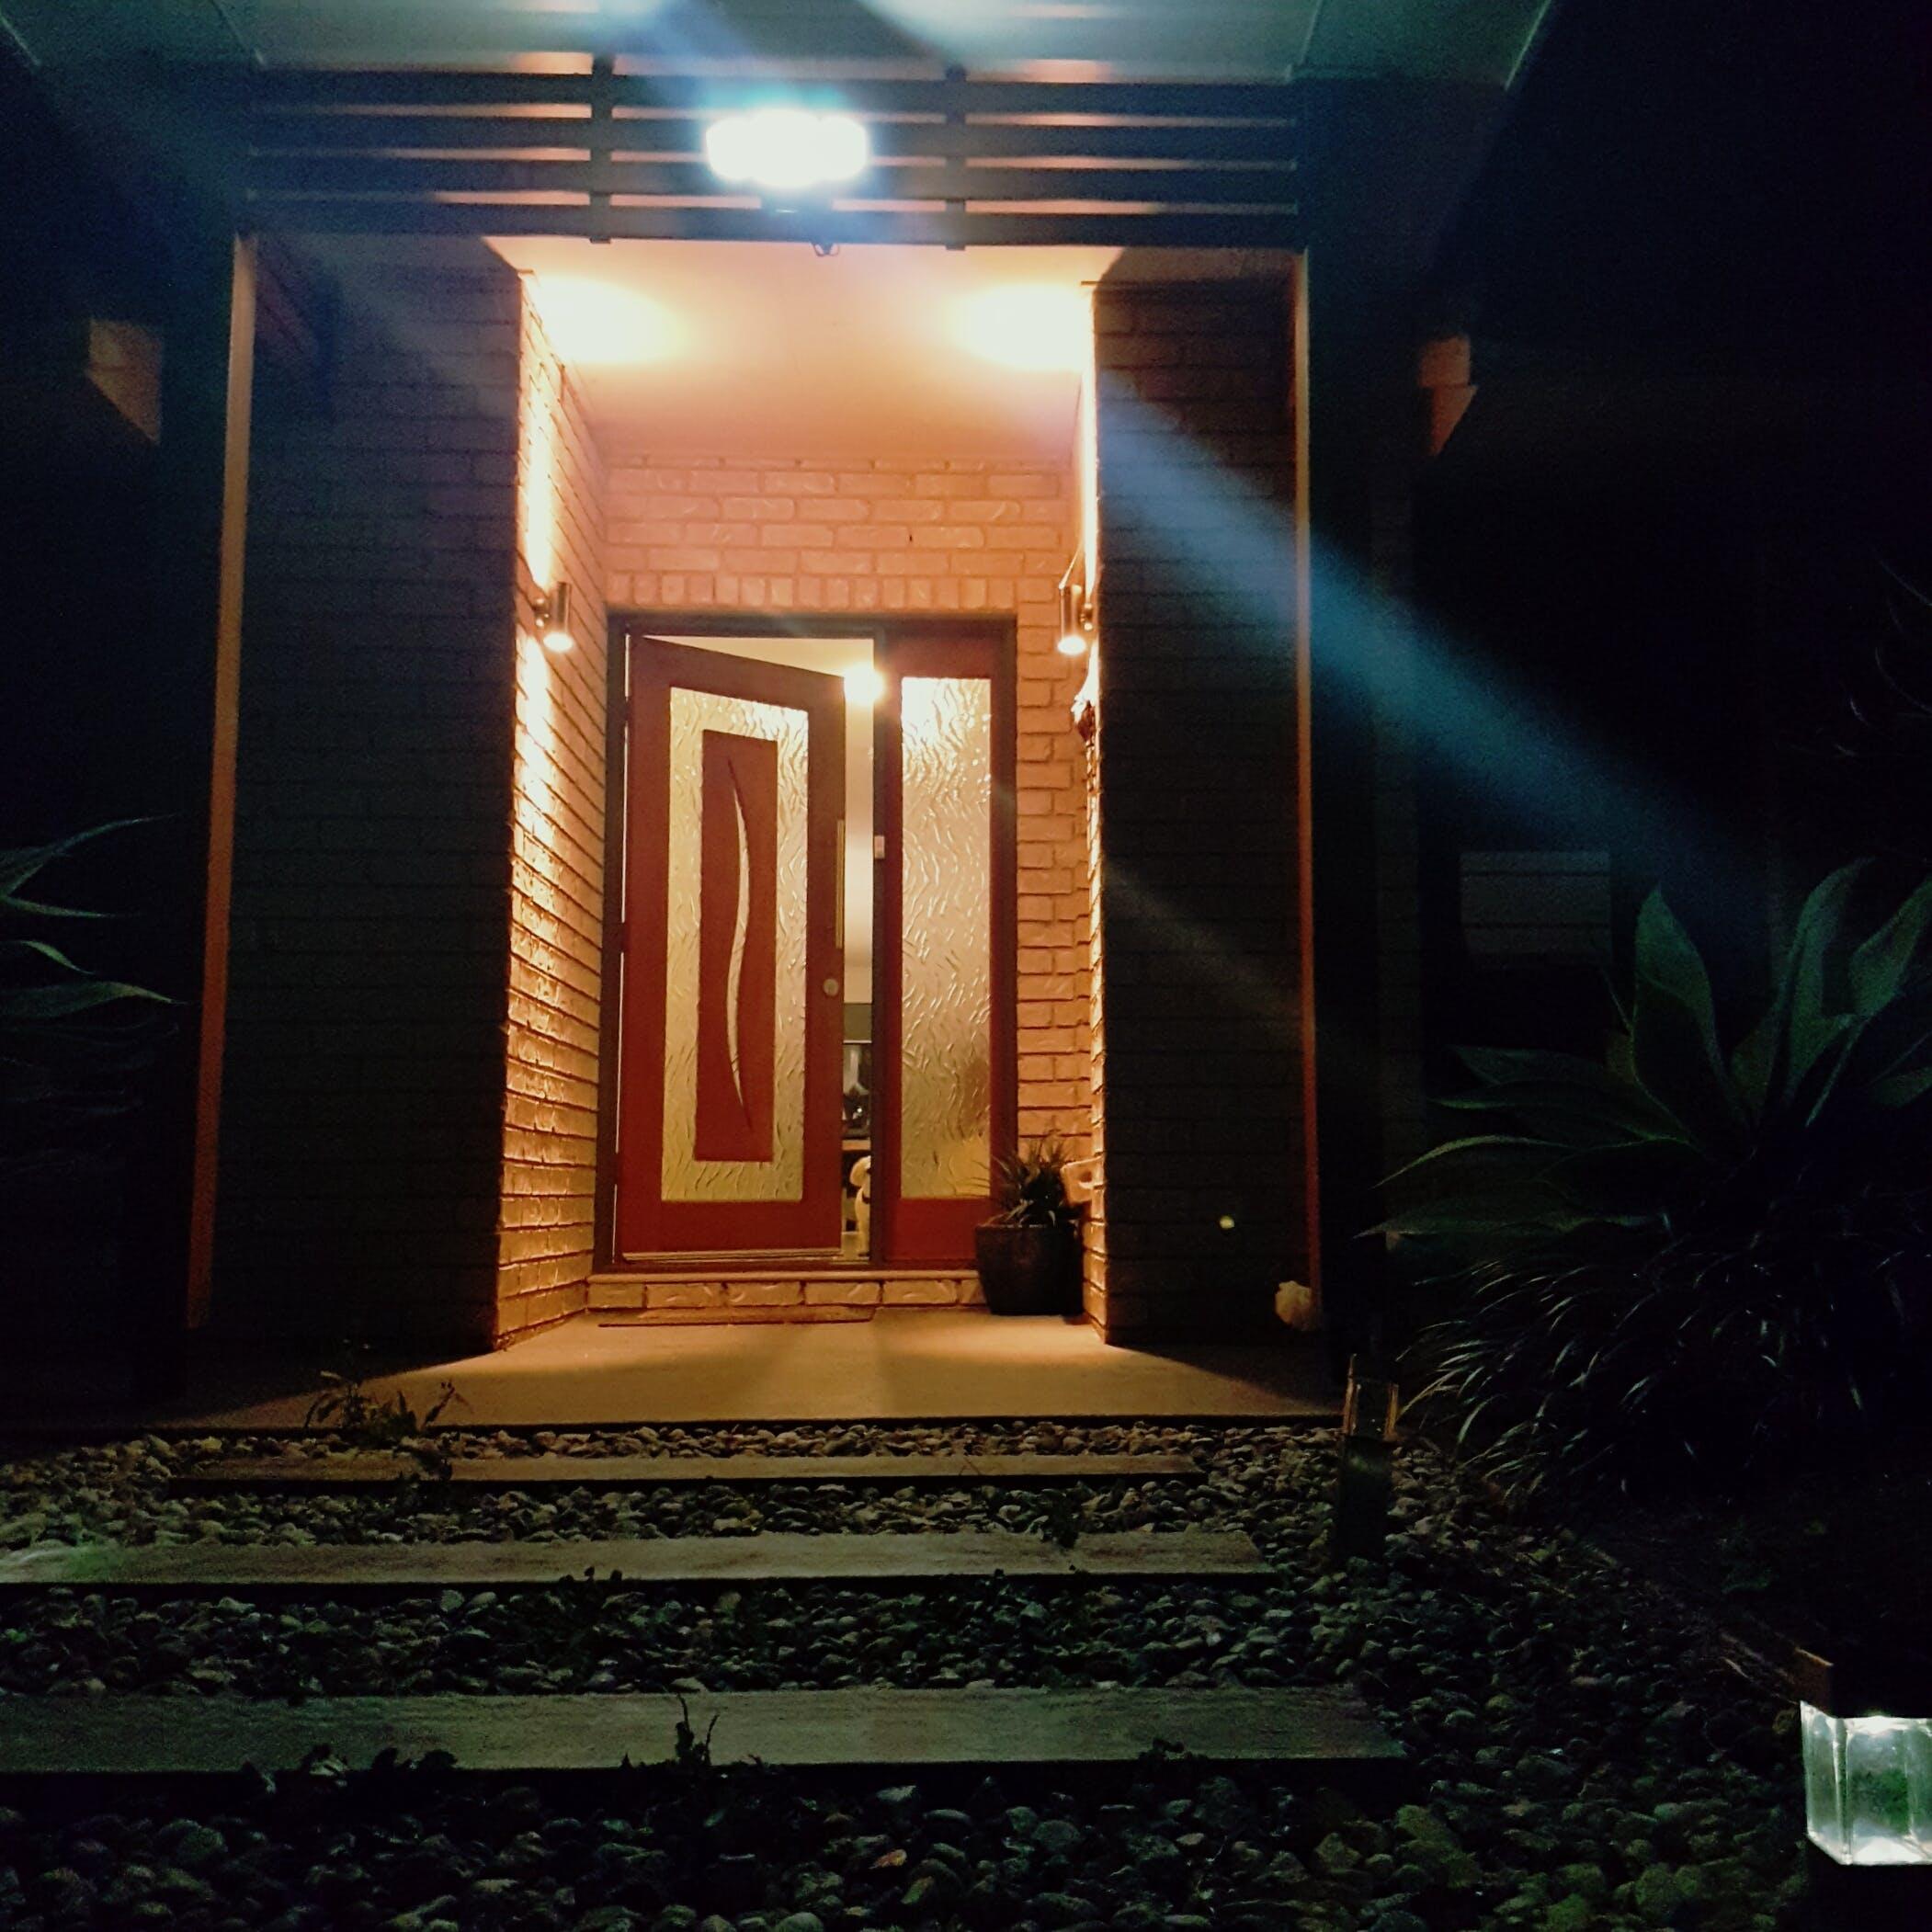 Free stock photo of door, exterior home, front door, night